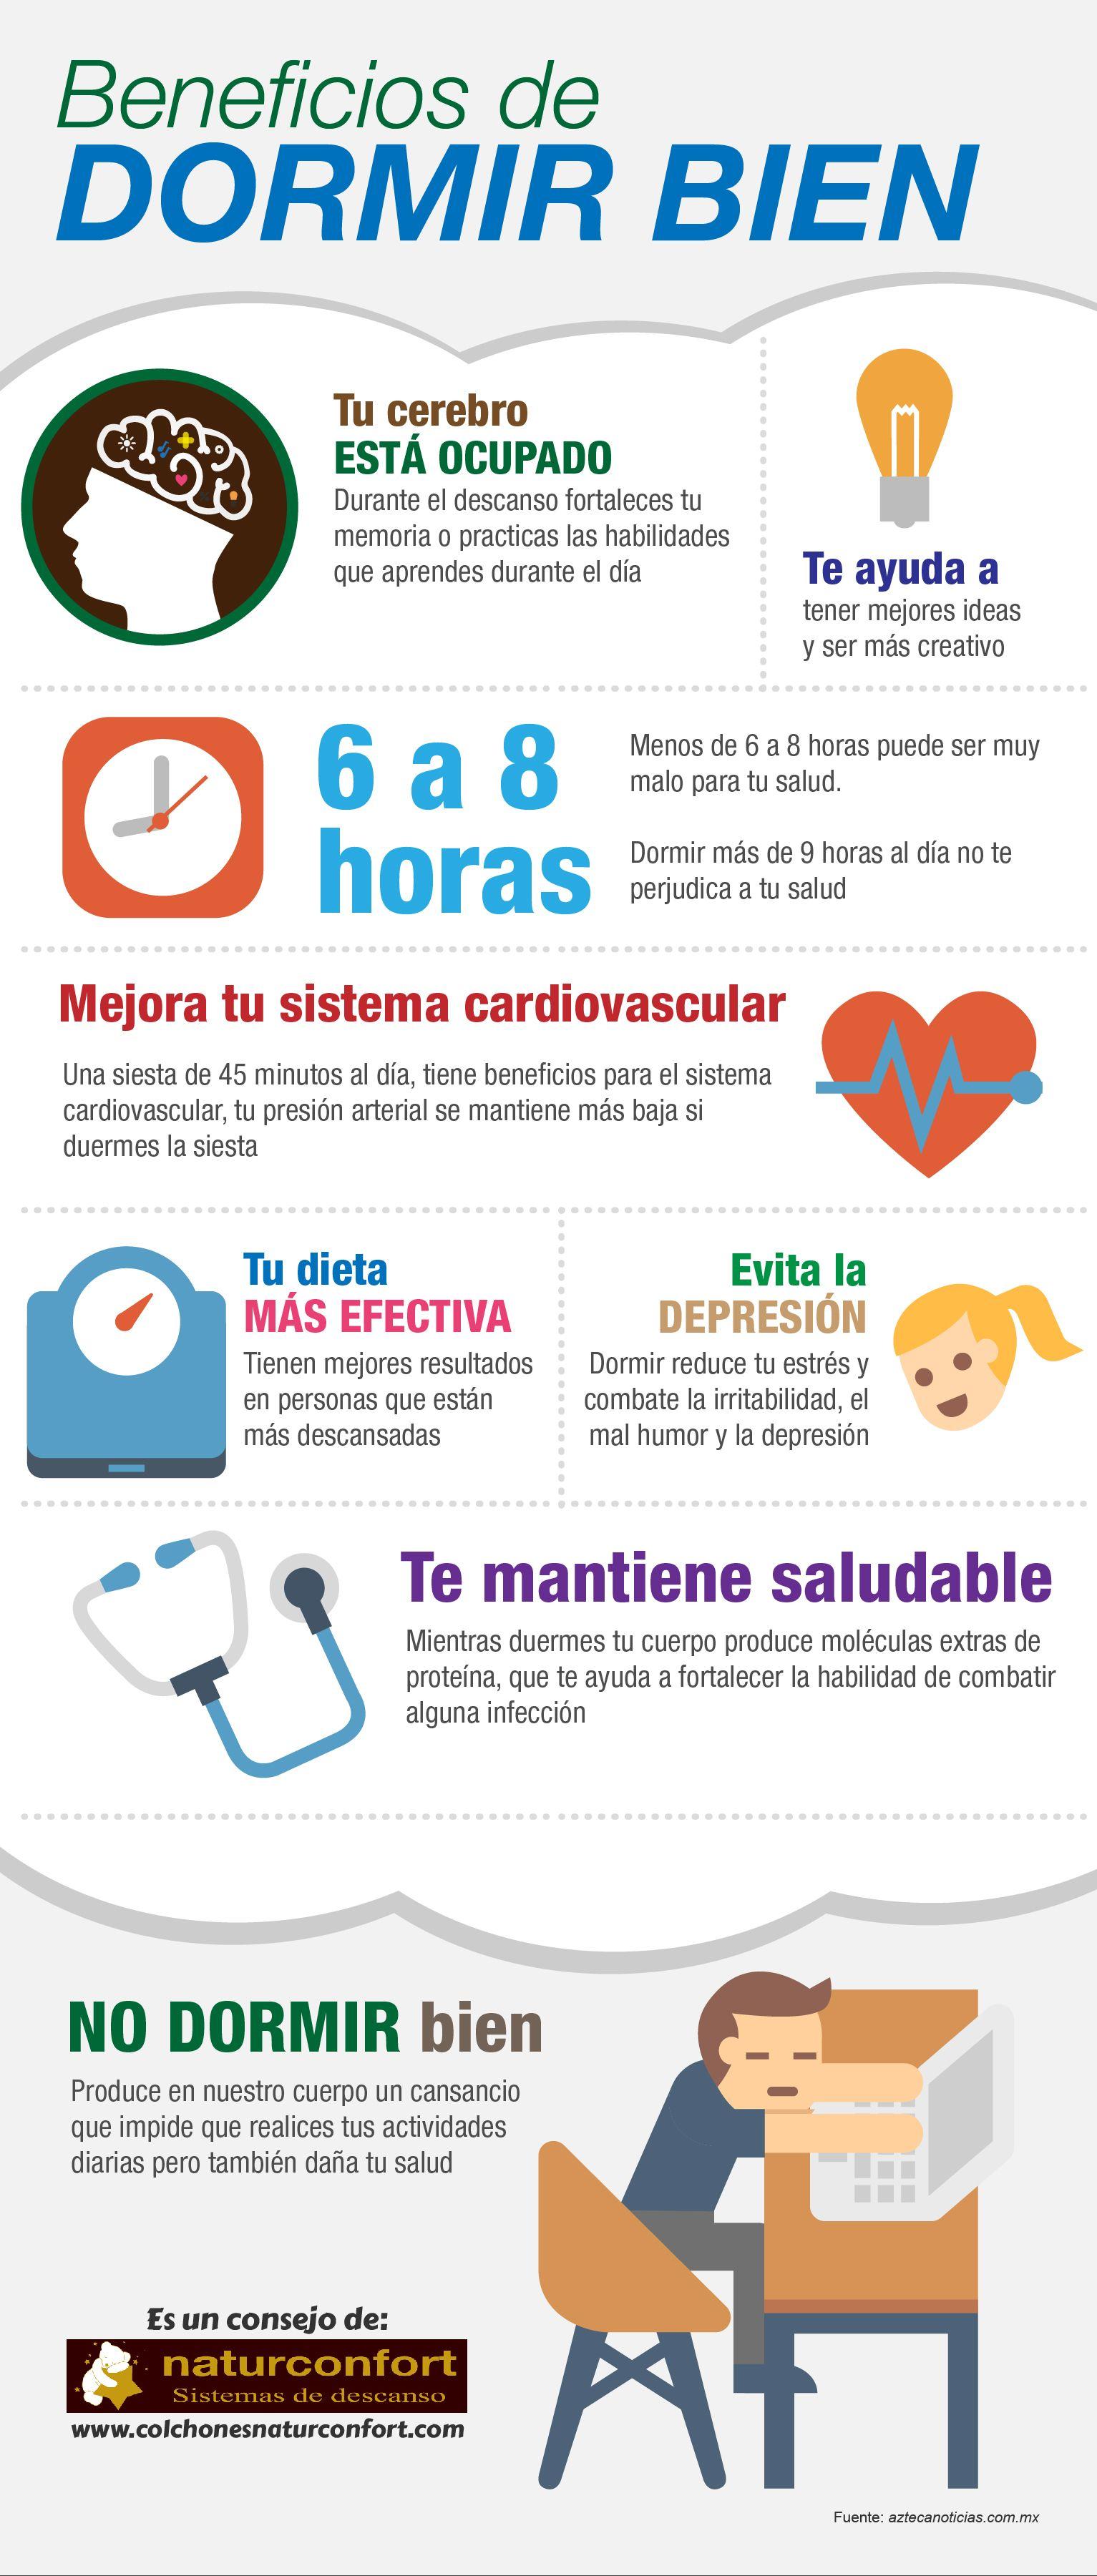 Beneficios De Dormir Bien Infografia Infographic Health Beneficios De Dormir Beneficios De Dormir Bien Consejos Para La Salud